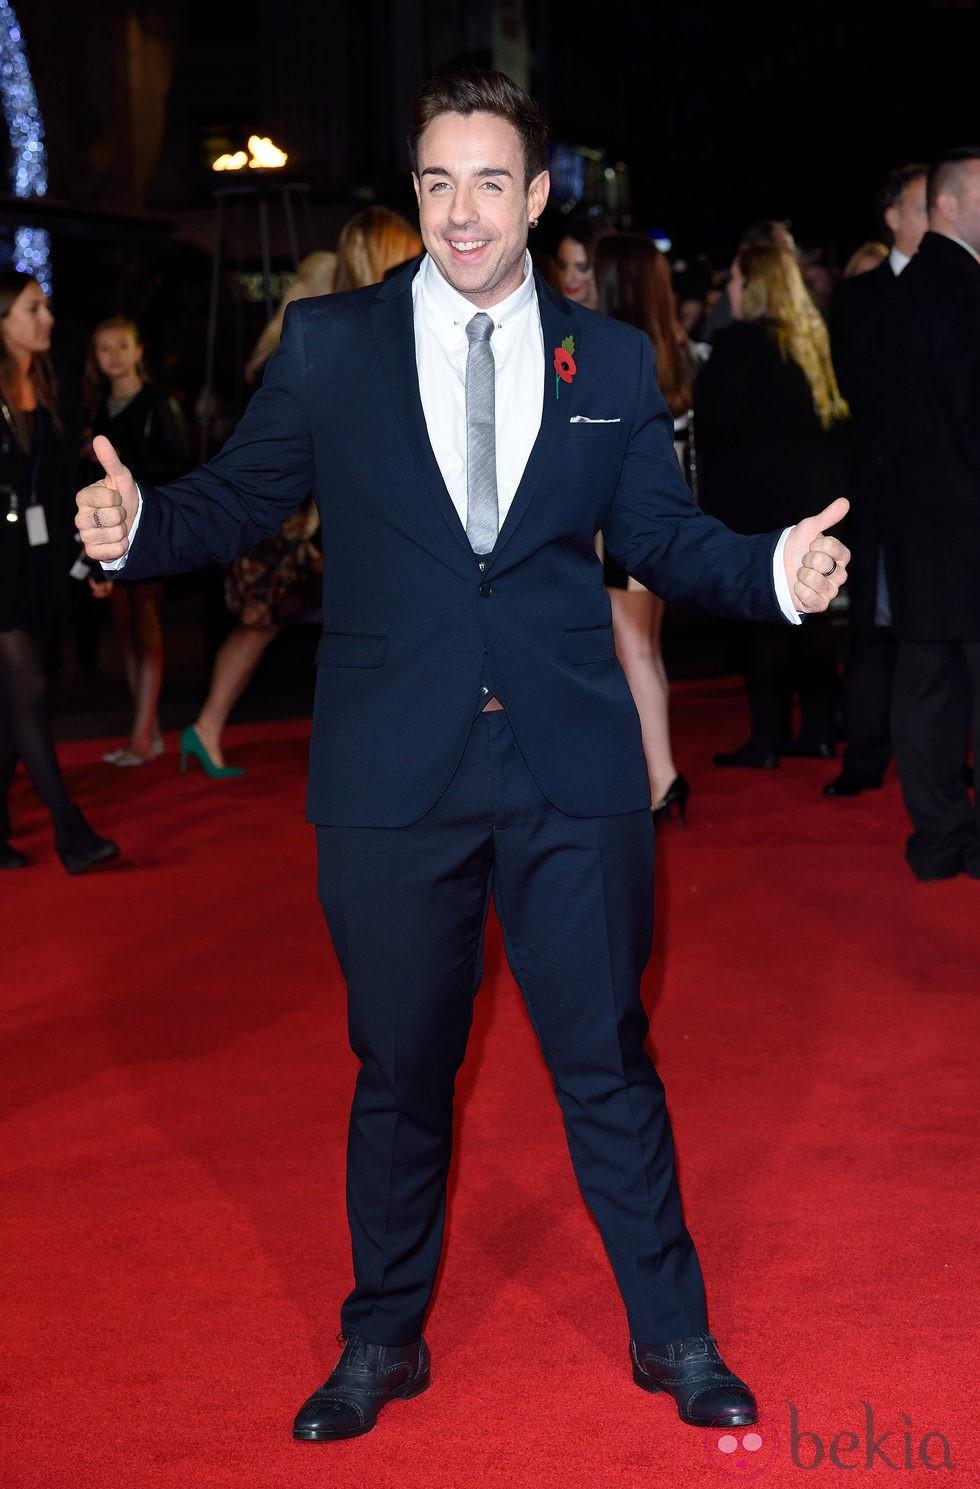 Stevi Ritchie en el estreno de 'Los Juegos del Hambre: Sinsajo Parte 1' en Londres